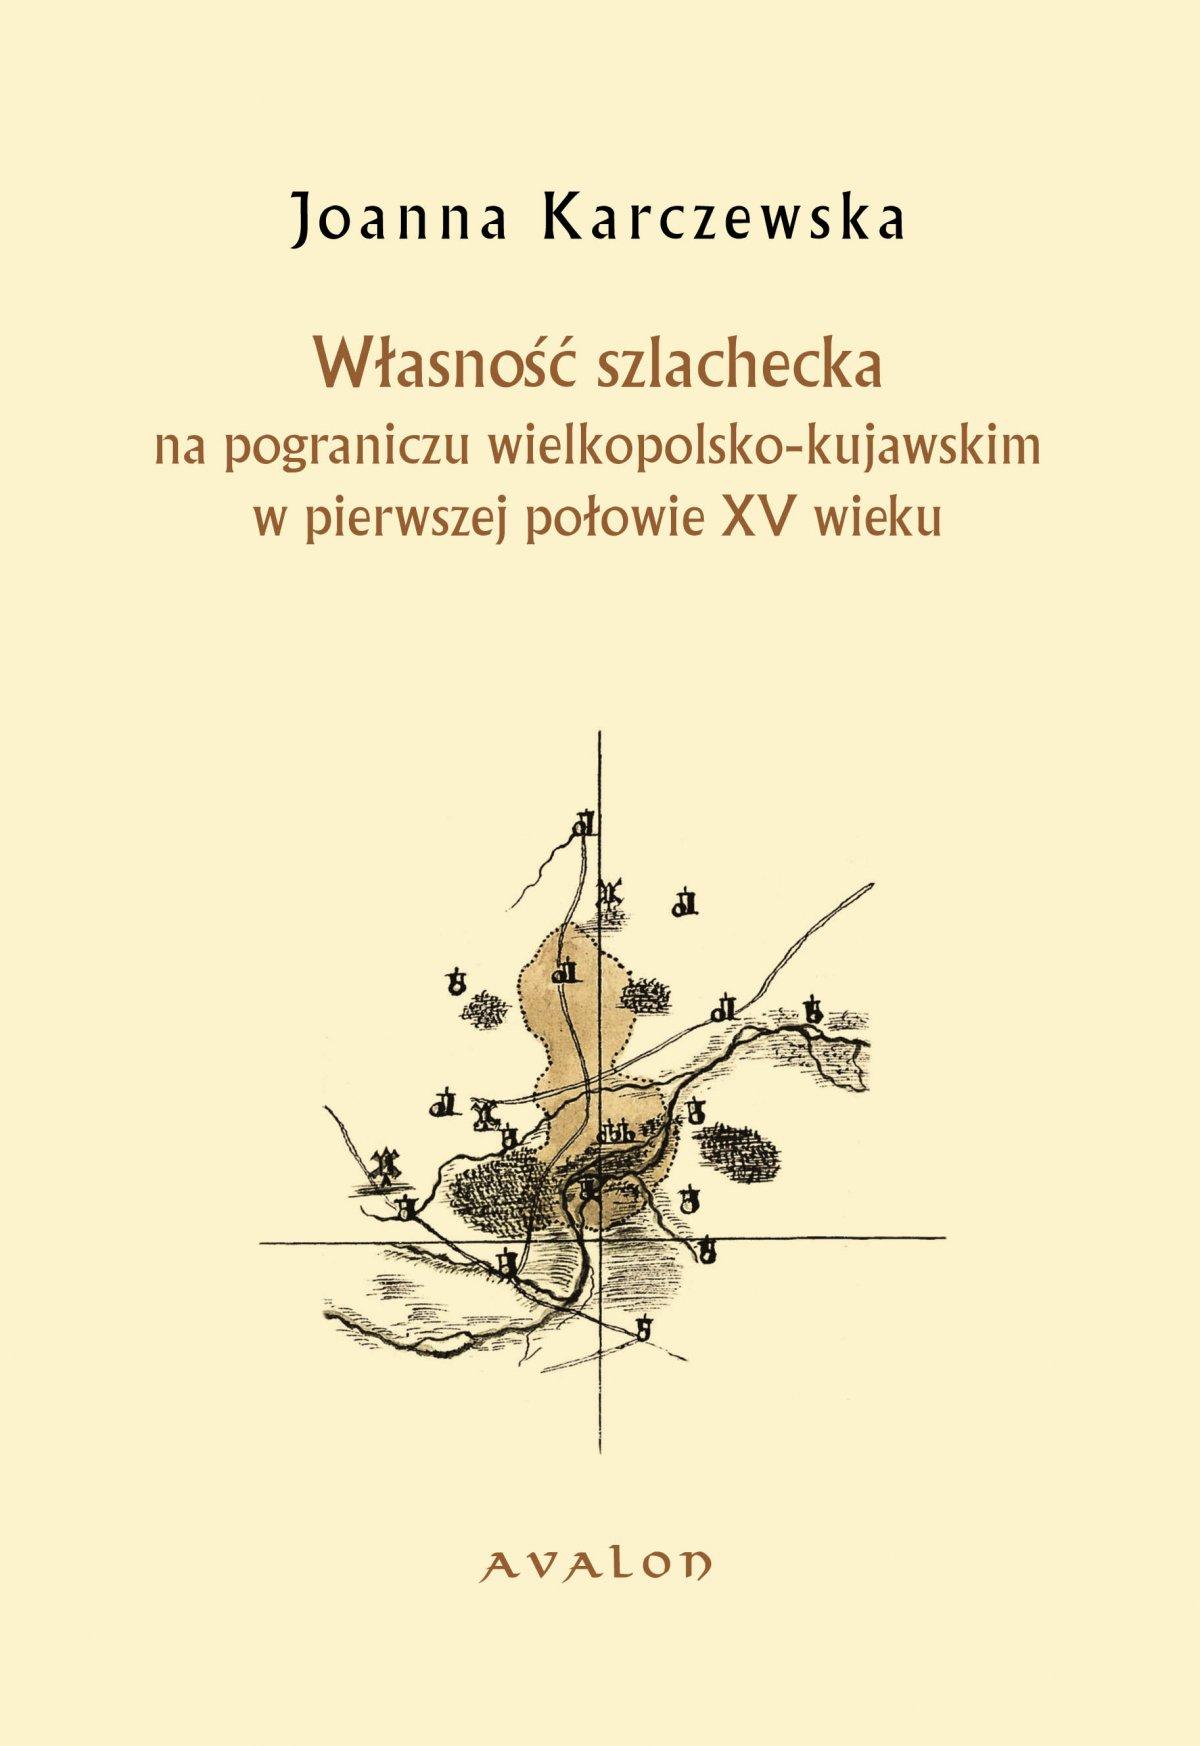 Własność szlachecka na pograniczu wielkopolsko-kujawskim w pierwszej połowie XV wieku - Ebook (Książka PDF) do pobrania w formacie PDF